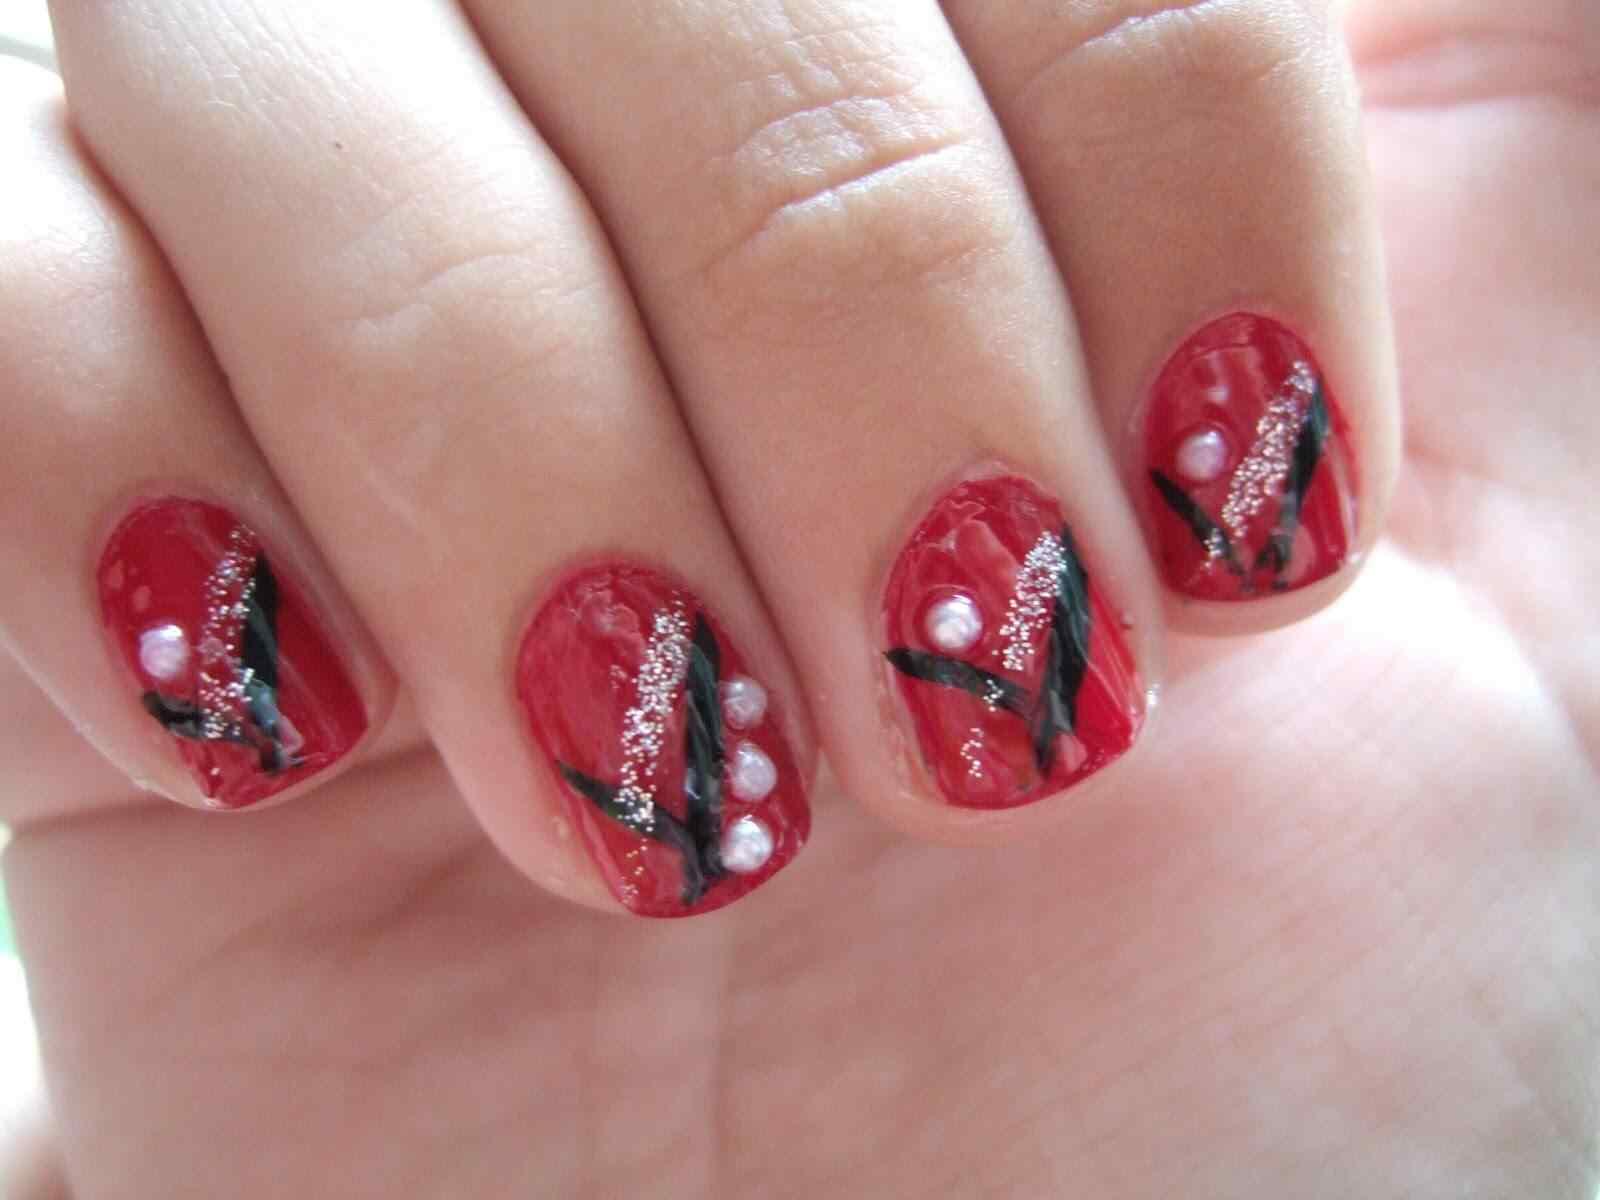 unas decoradas rojas 2015 (1)